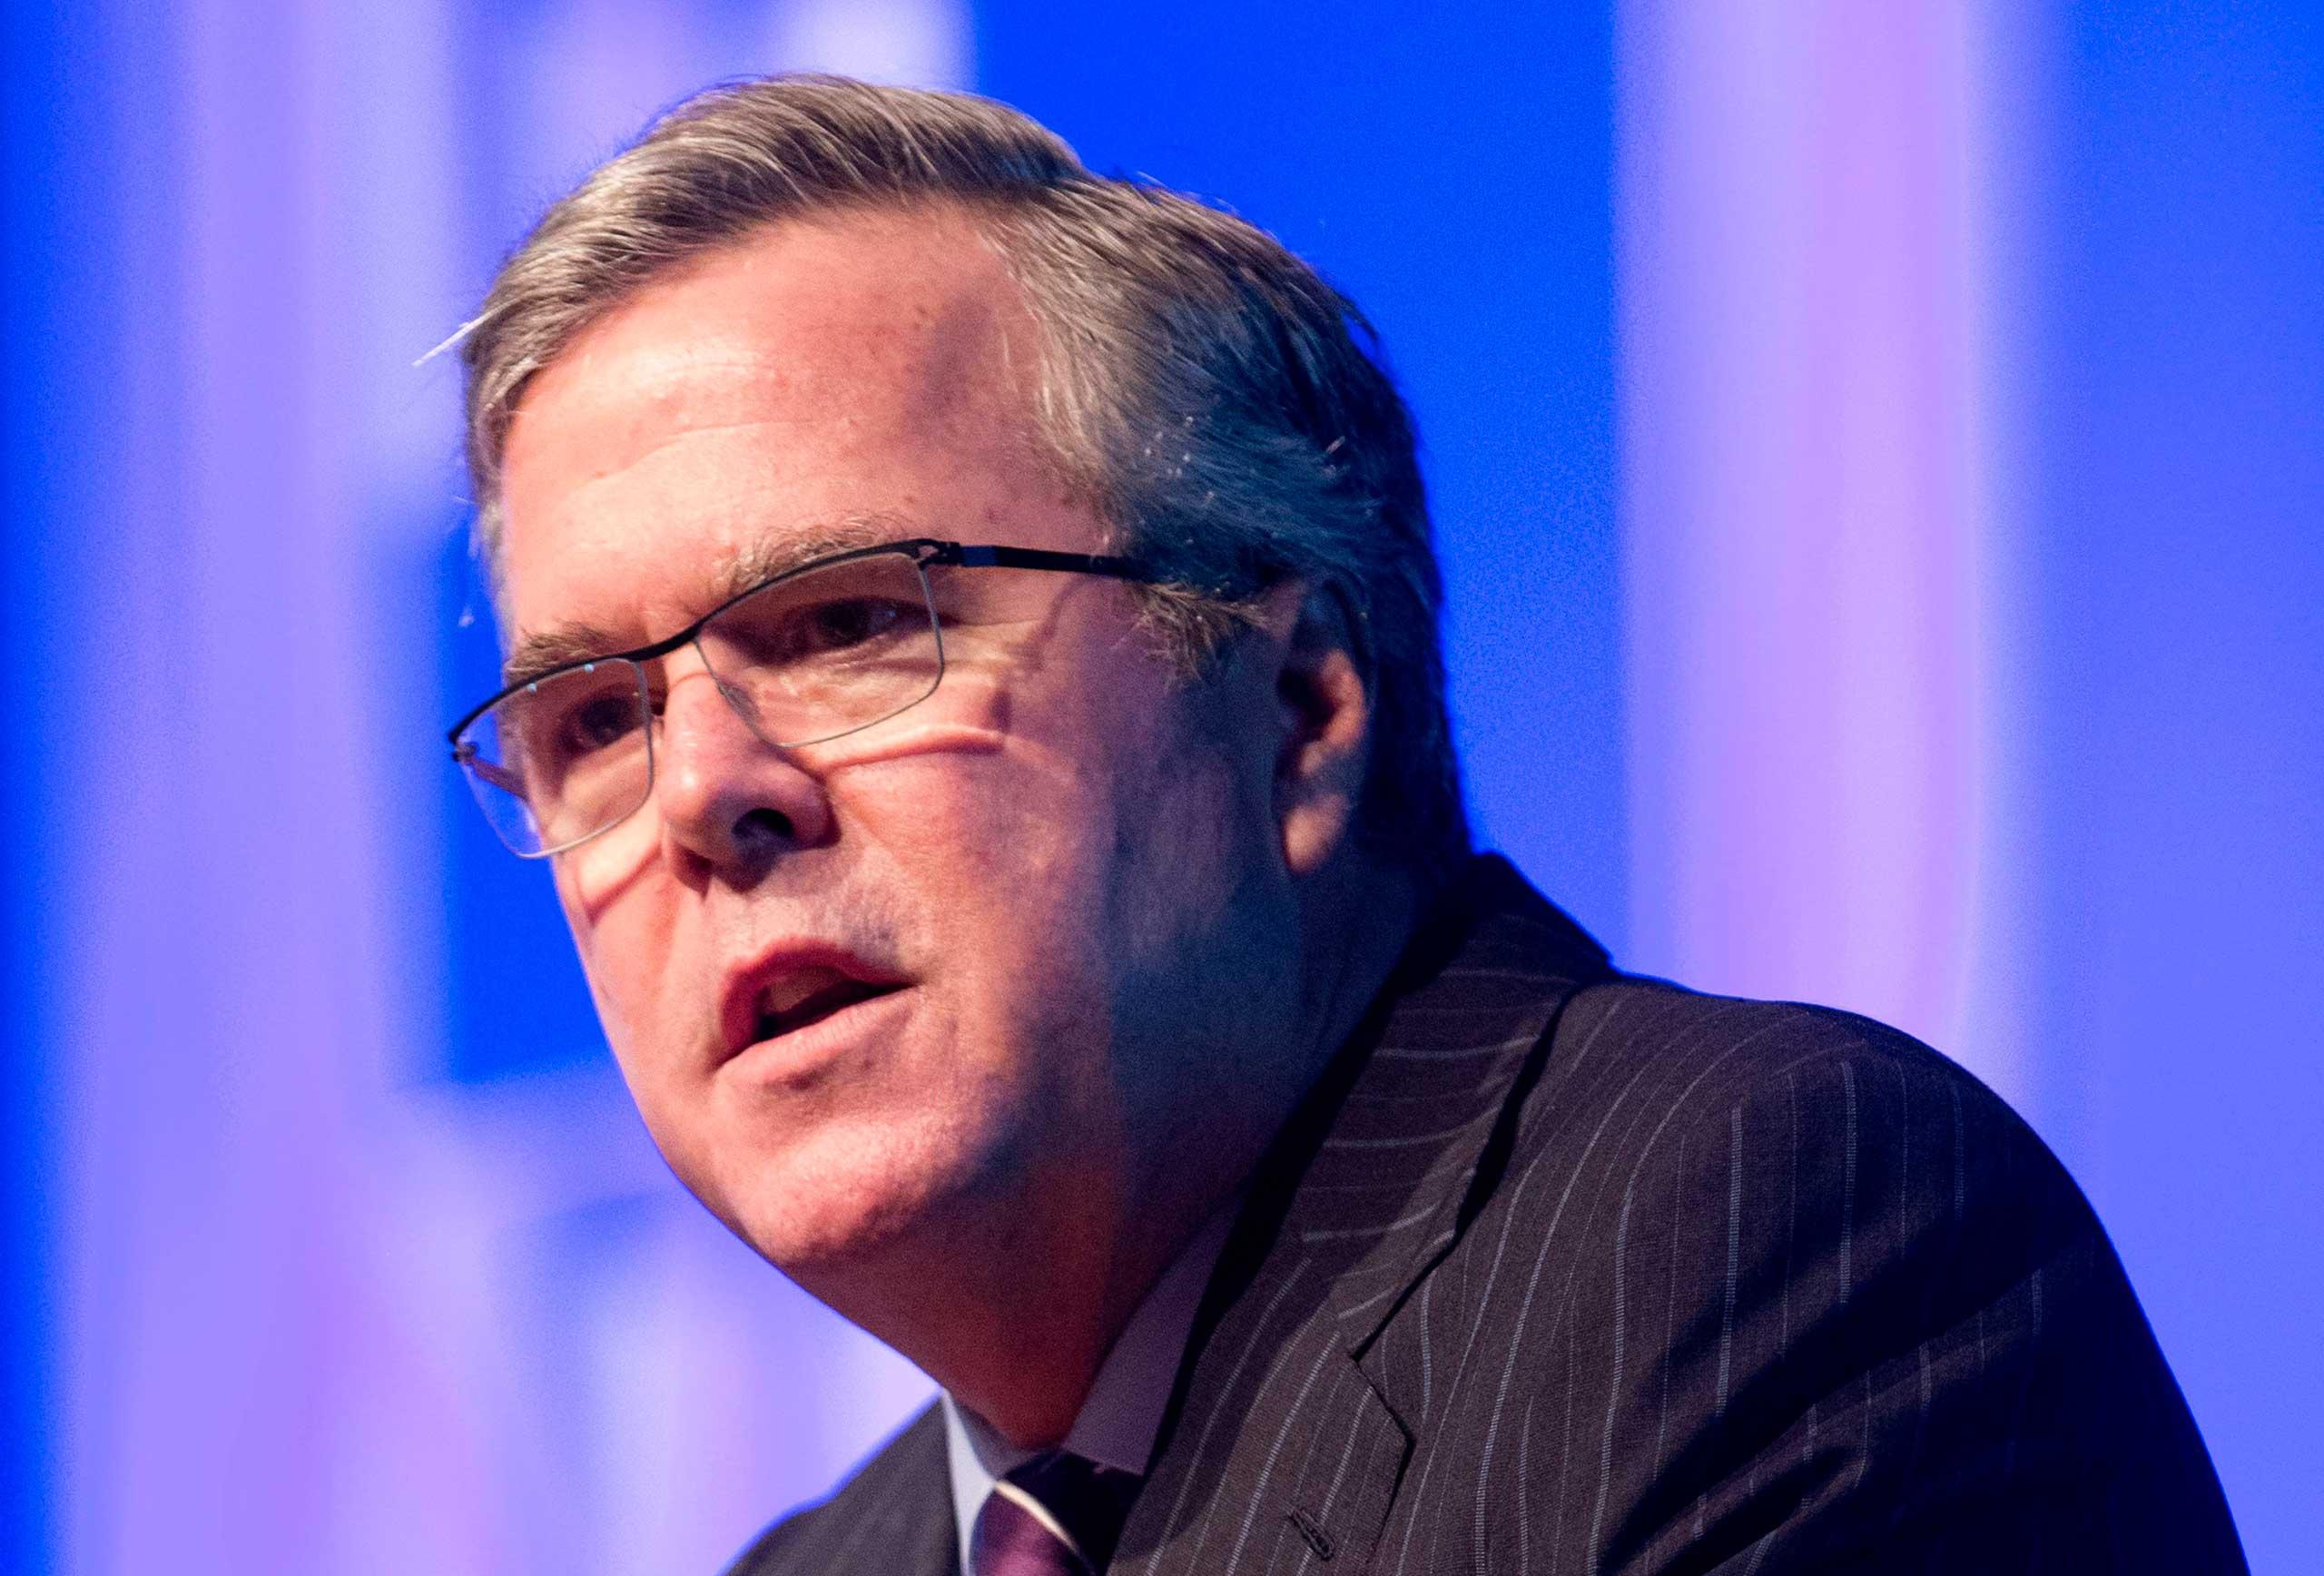 Former Florida Gov. Jeb Bush speaks in Hollywood, Fla. on Jan. 29, 2014.